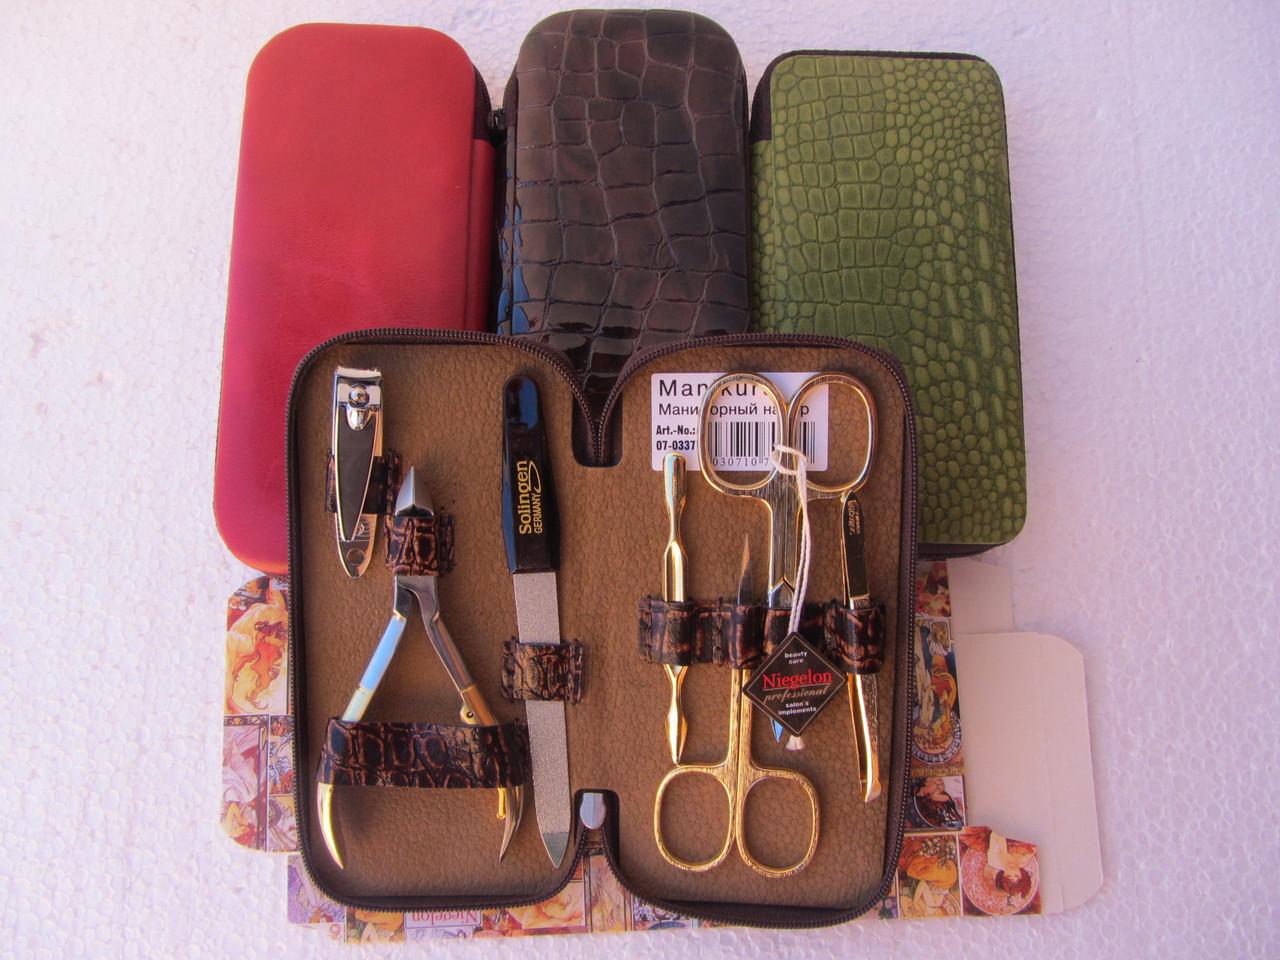 Маникюрный набор Niegelon satin с хрустальной пилочкой( 7 предметов)